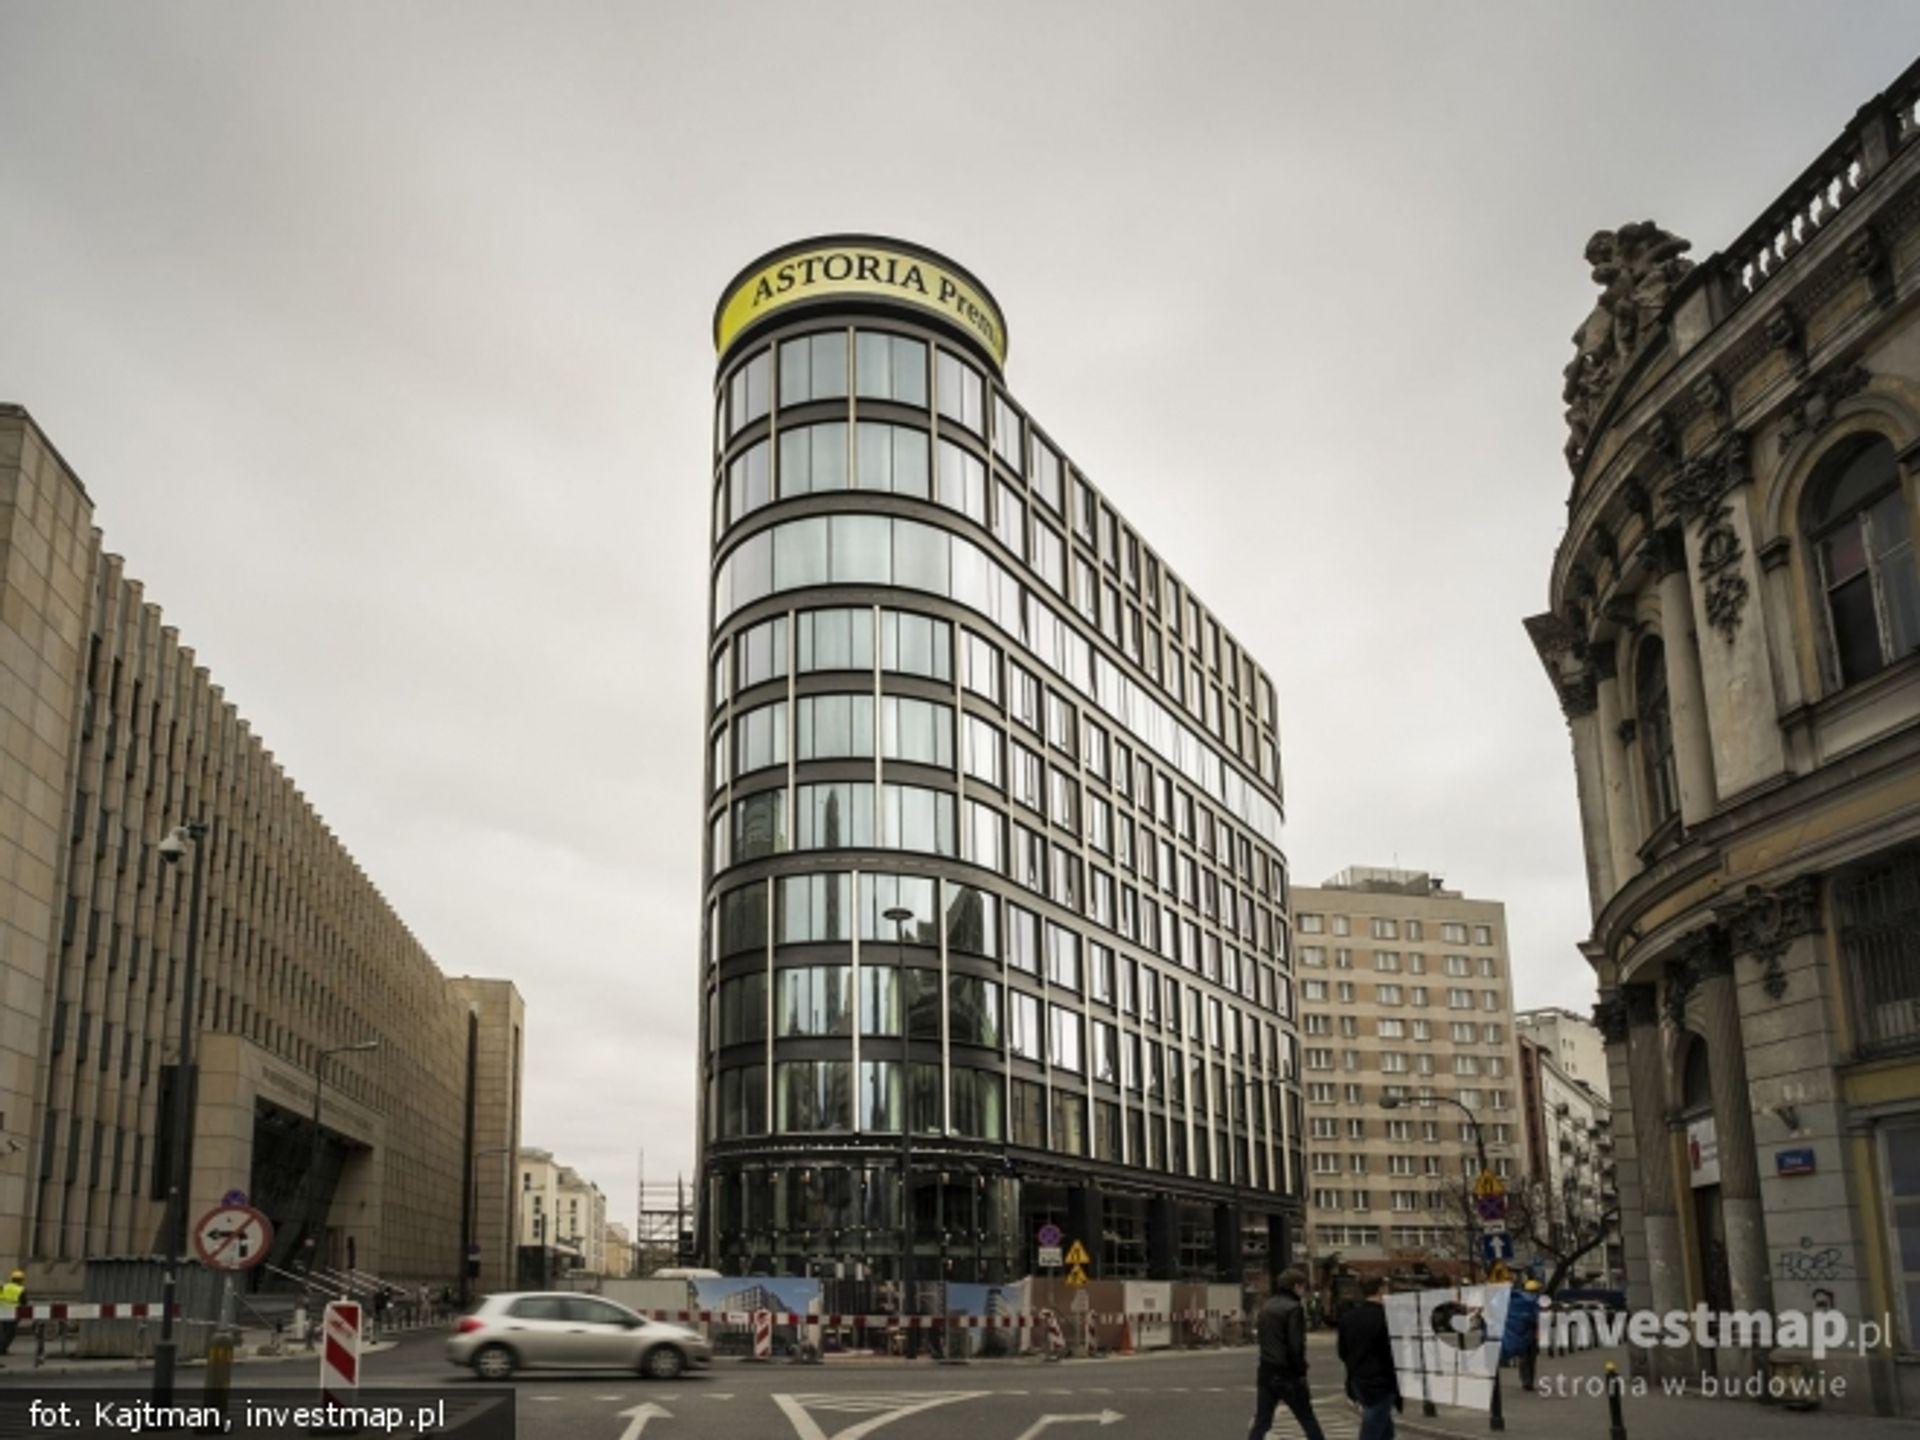 [Warszawa] Fasada biurowca Astoria w pełnej odsłonie